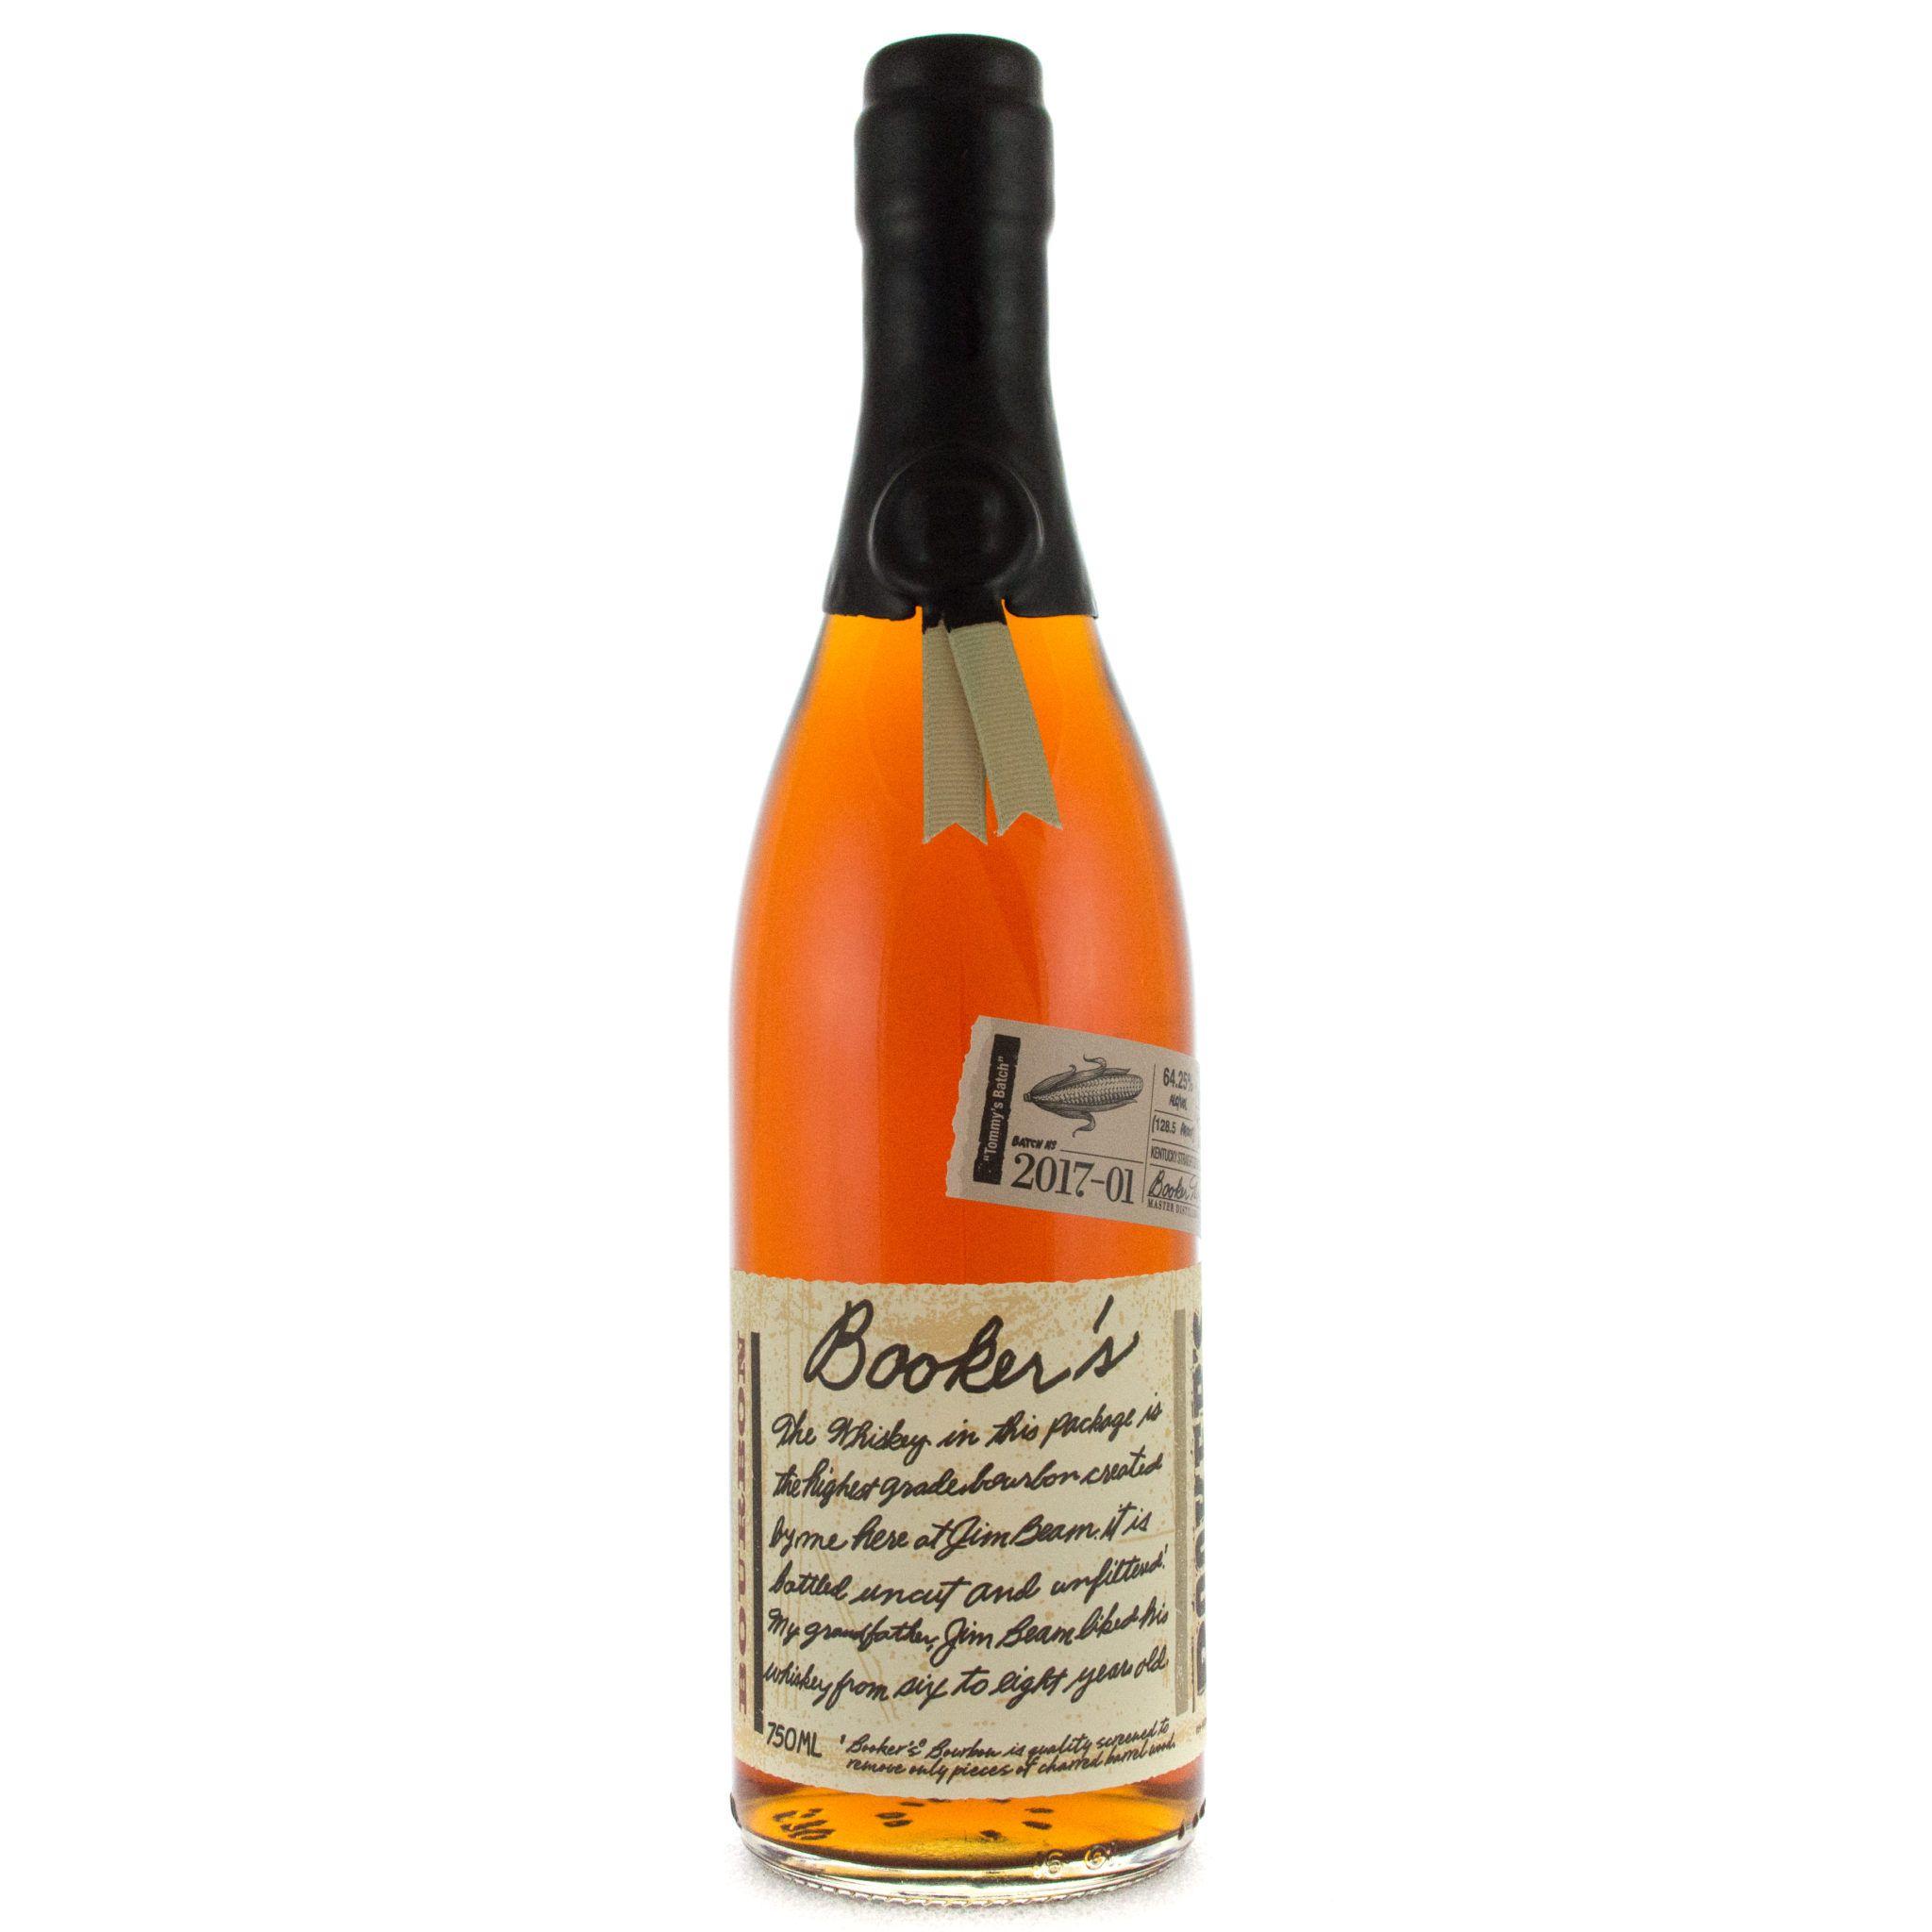 Bookers bourbon booker bourbon bourbon dish soap bottle